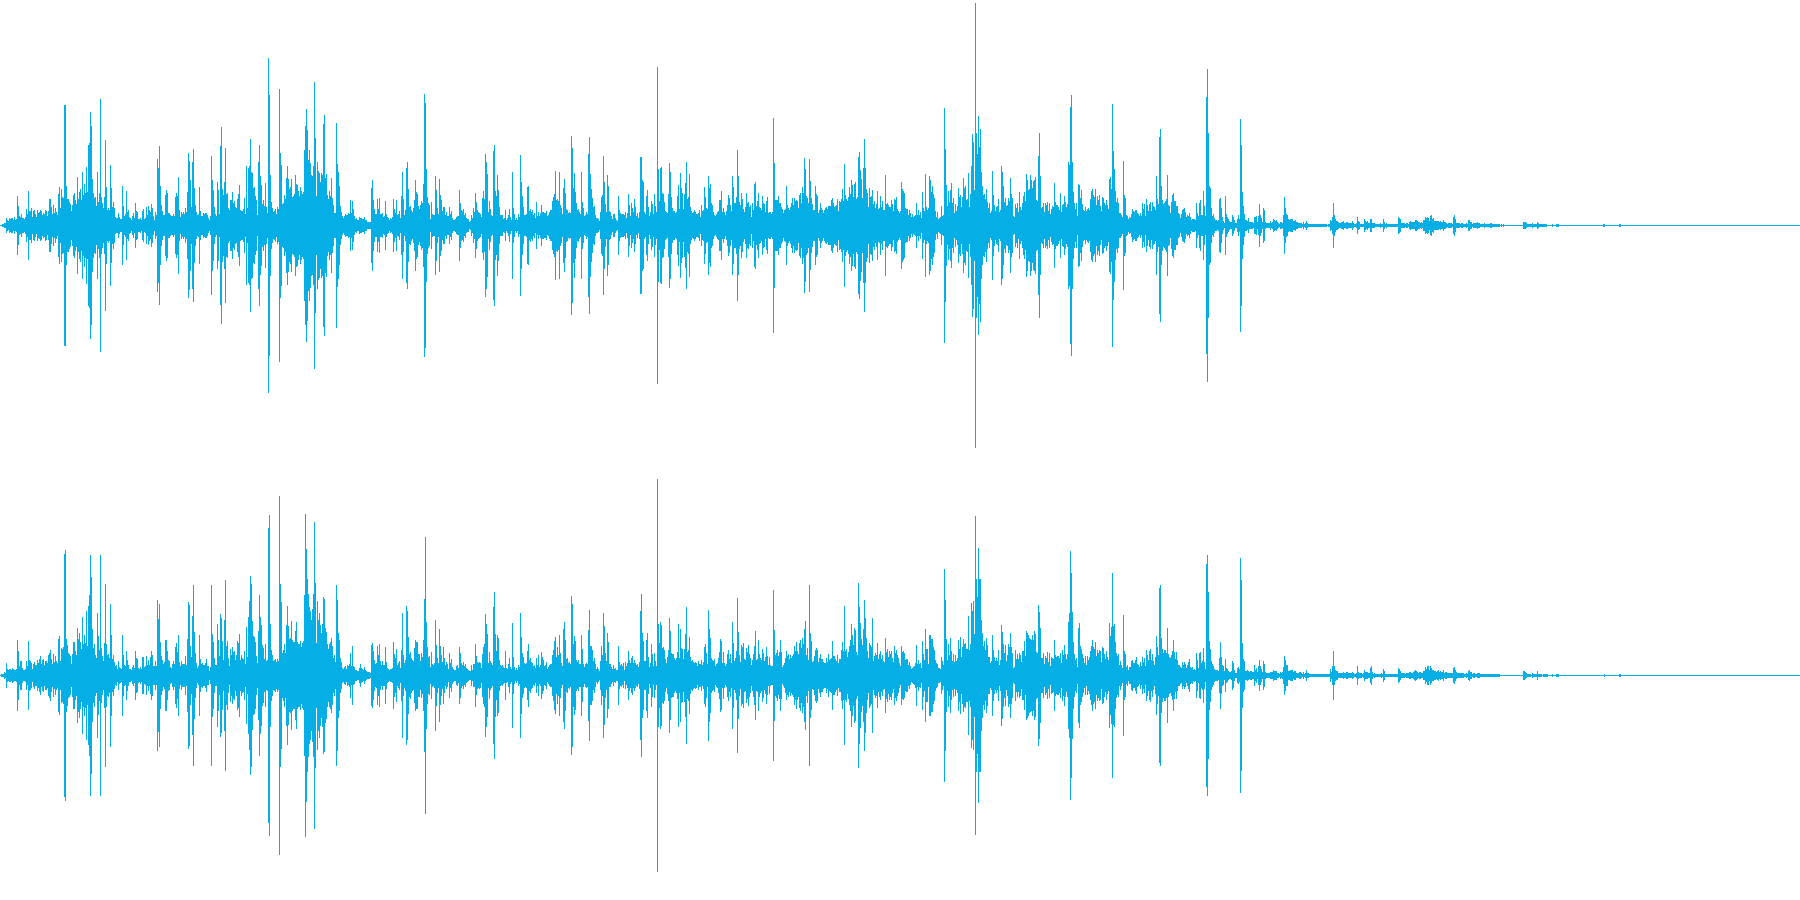 【生録音】ゴミの音 1 丸めるの再生済みの波形